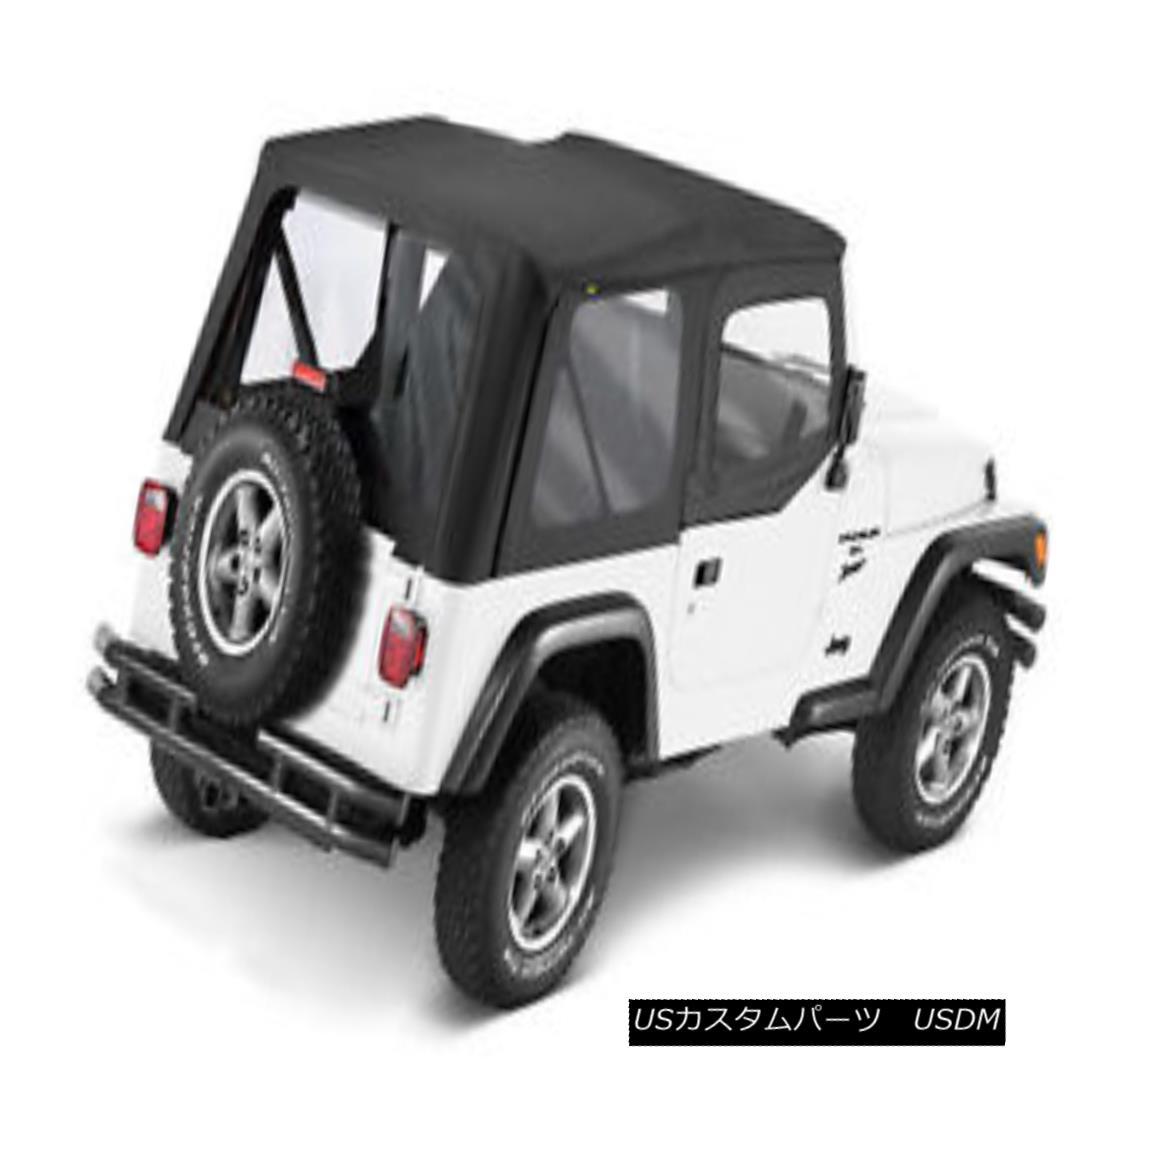 幌・ソフトトップ Bestop Sailcloth Replace A Top 97-02 Jeep Wrangler TJ Half Door Clear BlackCrush Bestop Sailclothトップ97-02ジープラングラーTJ Half Door Clear BlackCrush